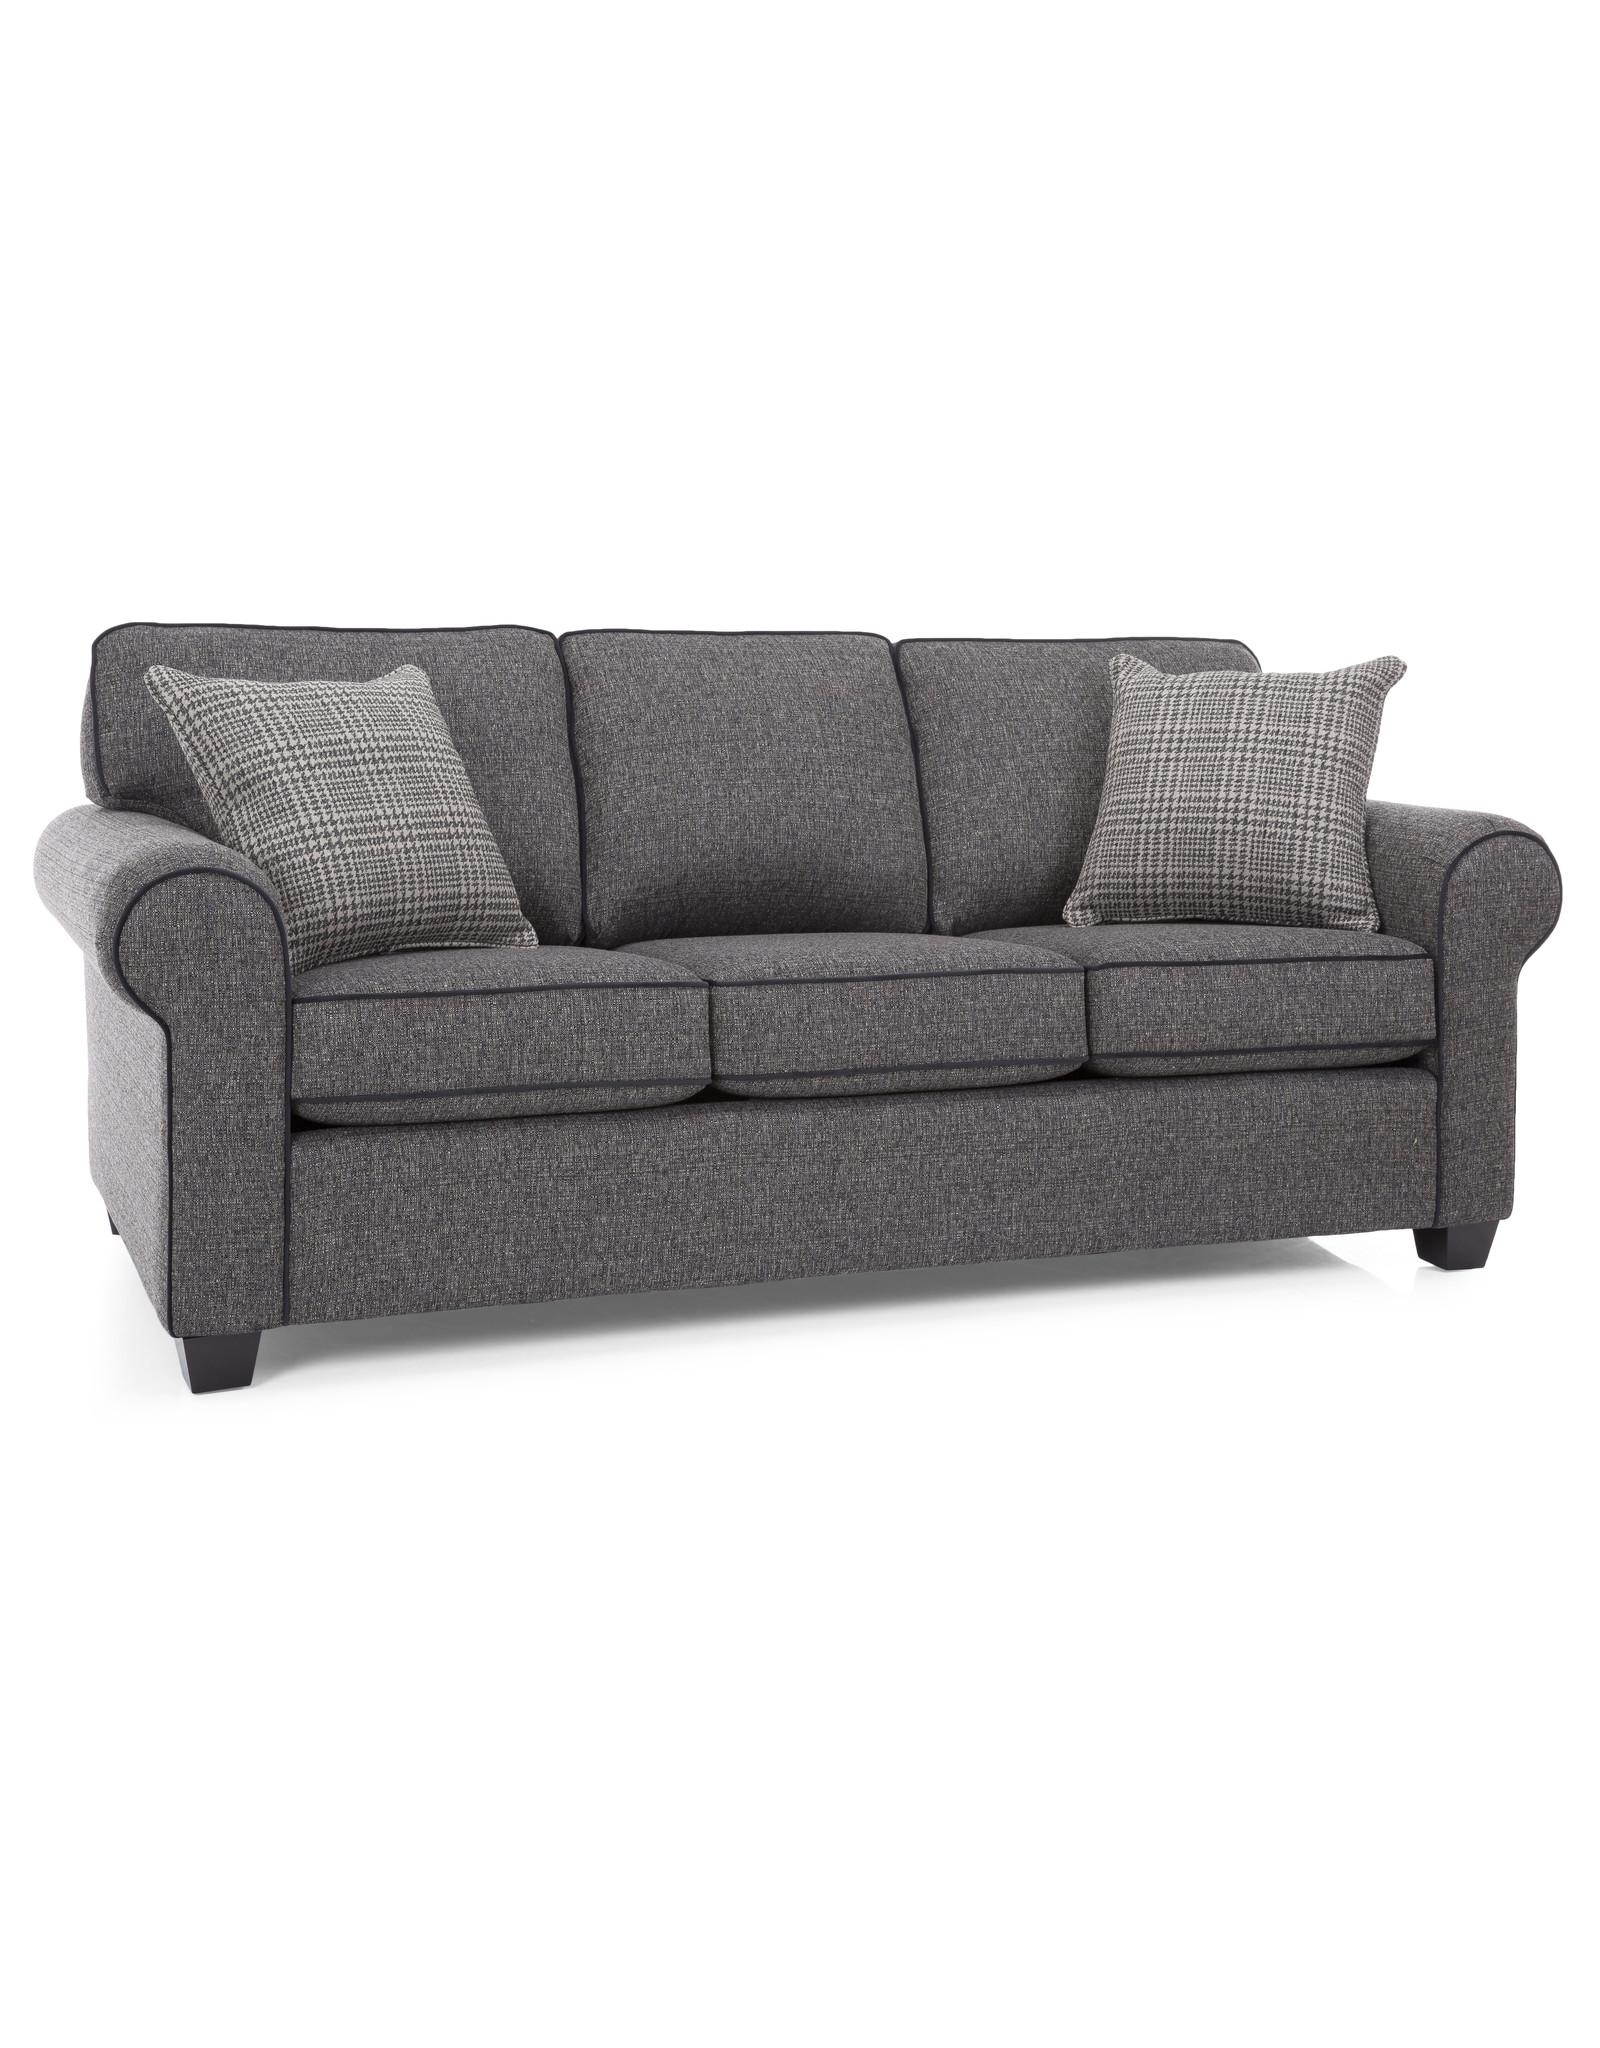 TCE 2179 Sofa